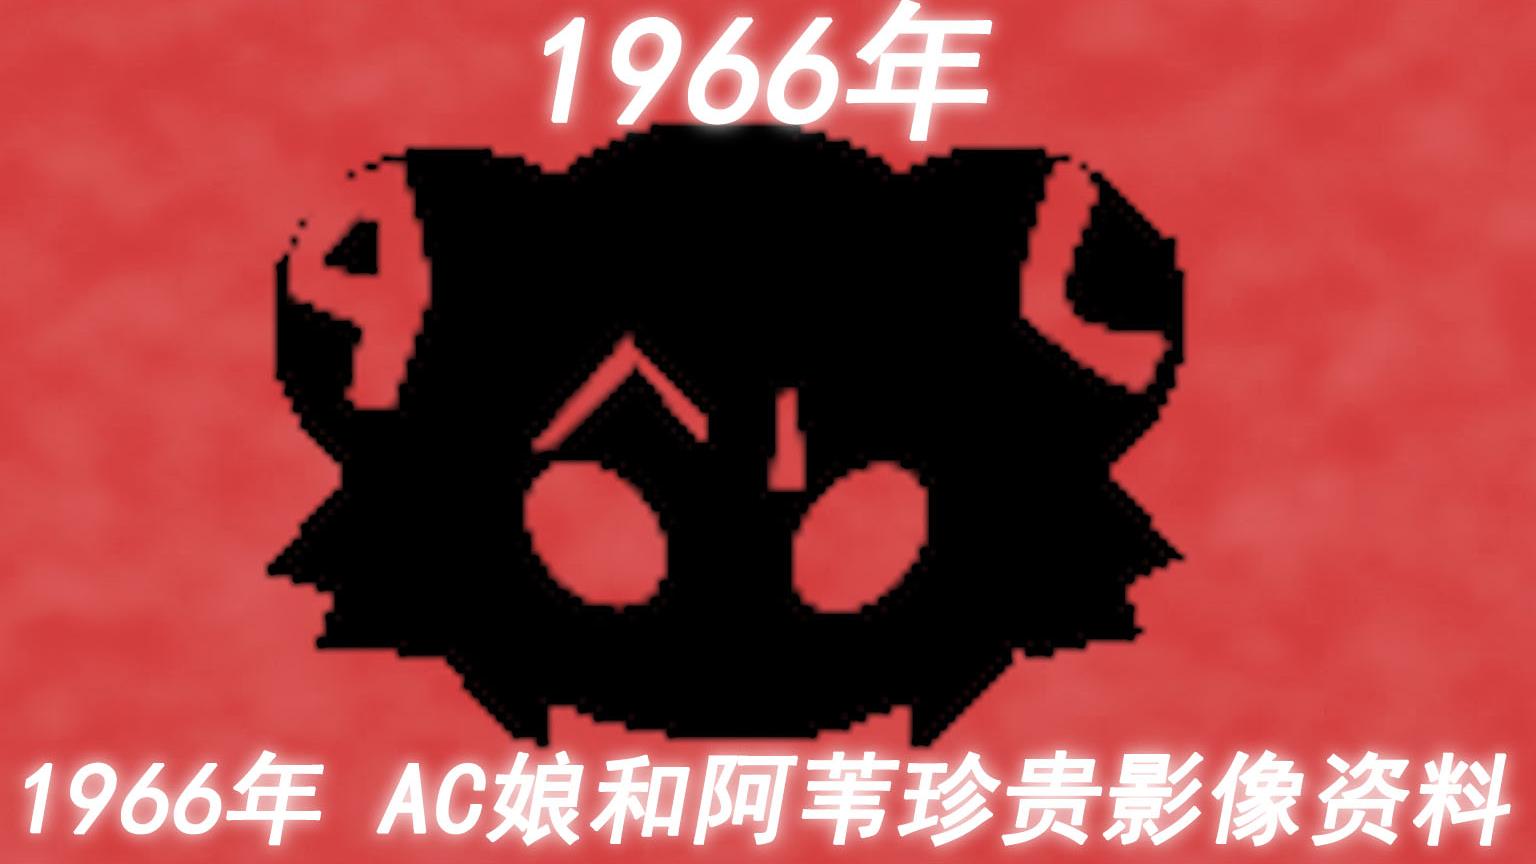 1 9 6 6年 AC娘和阿苇珍贵的影像资料